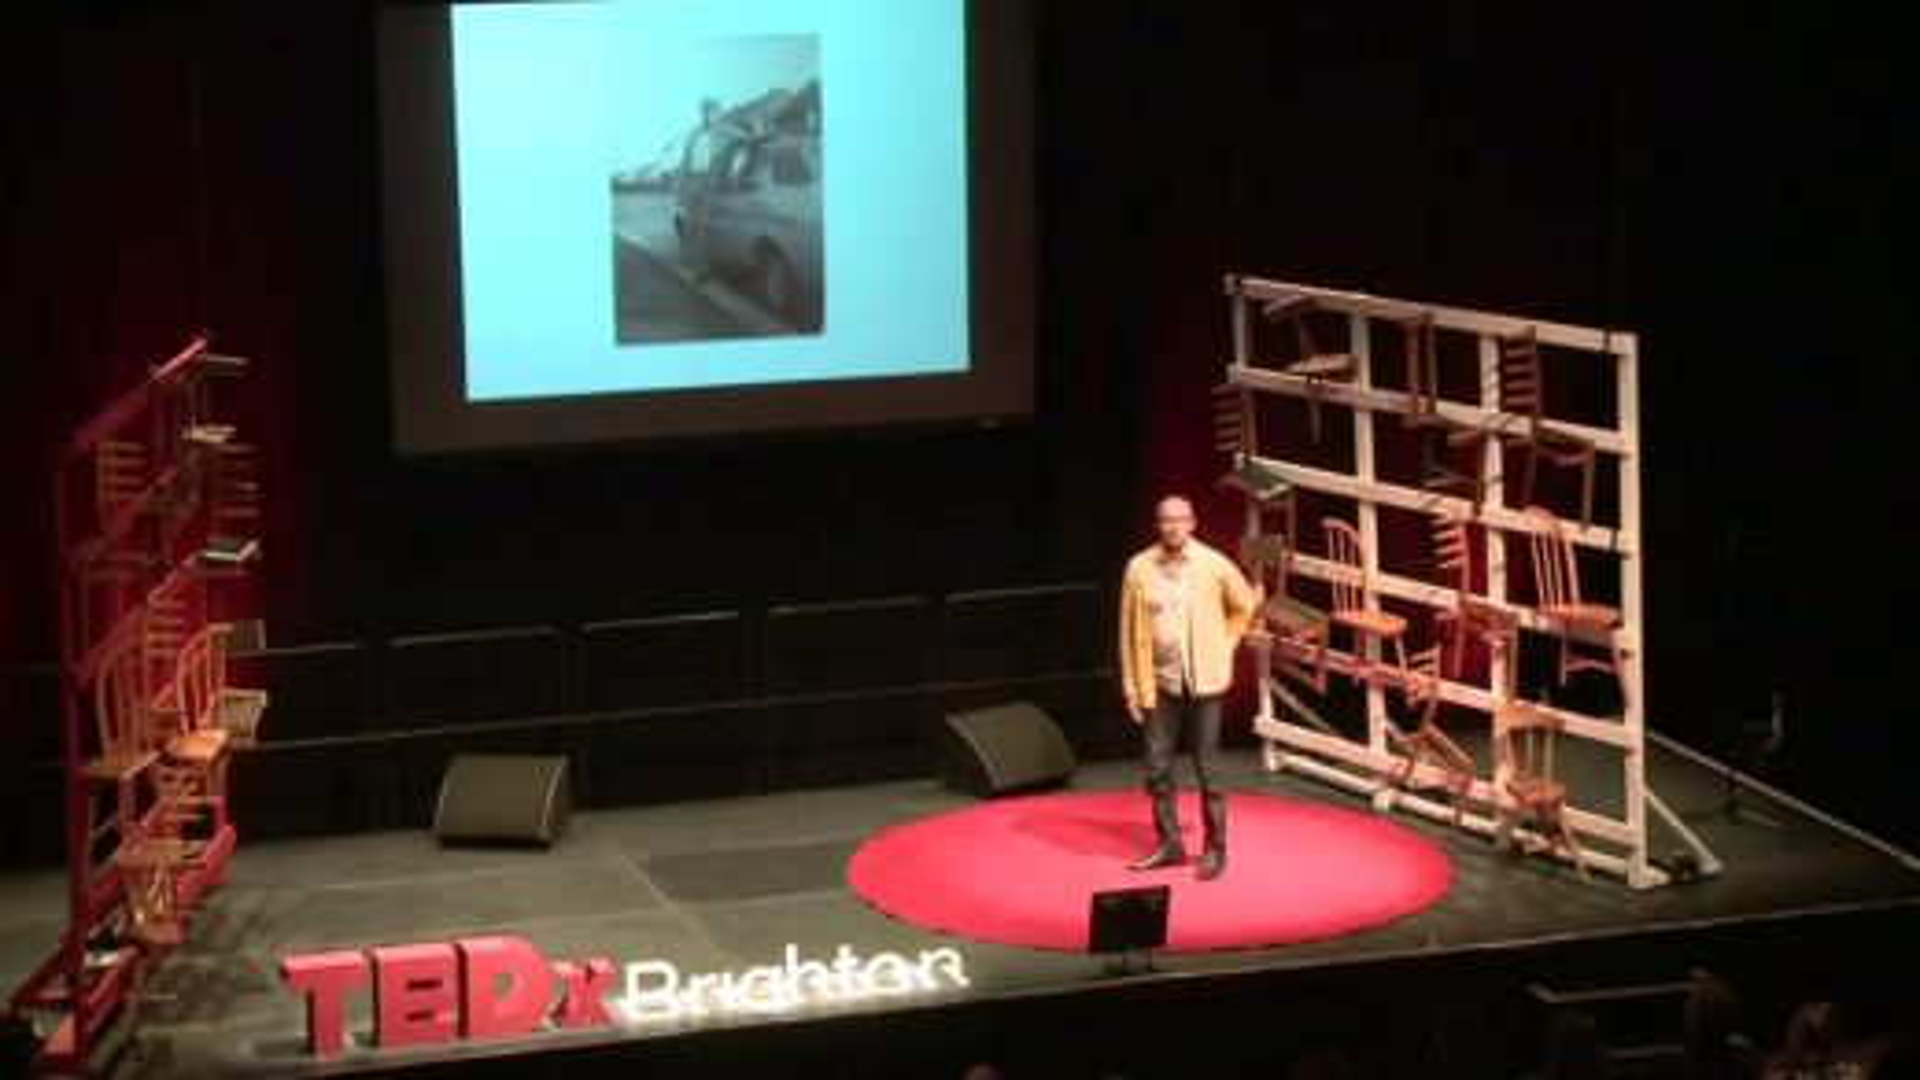 سخنرانیهای تد؛ فردی که قصد کشتن پدرش را داشت | فیلم